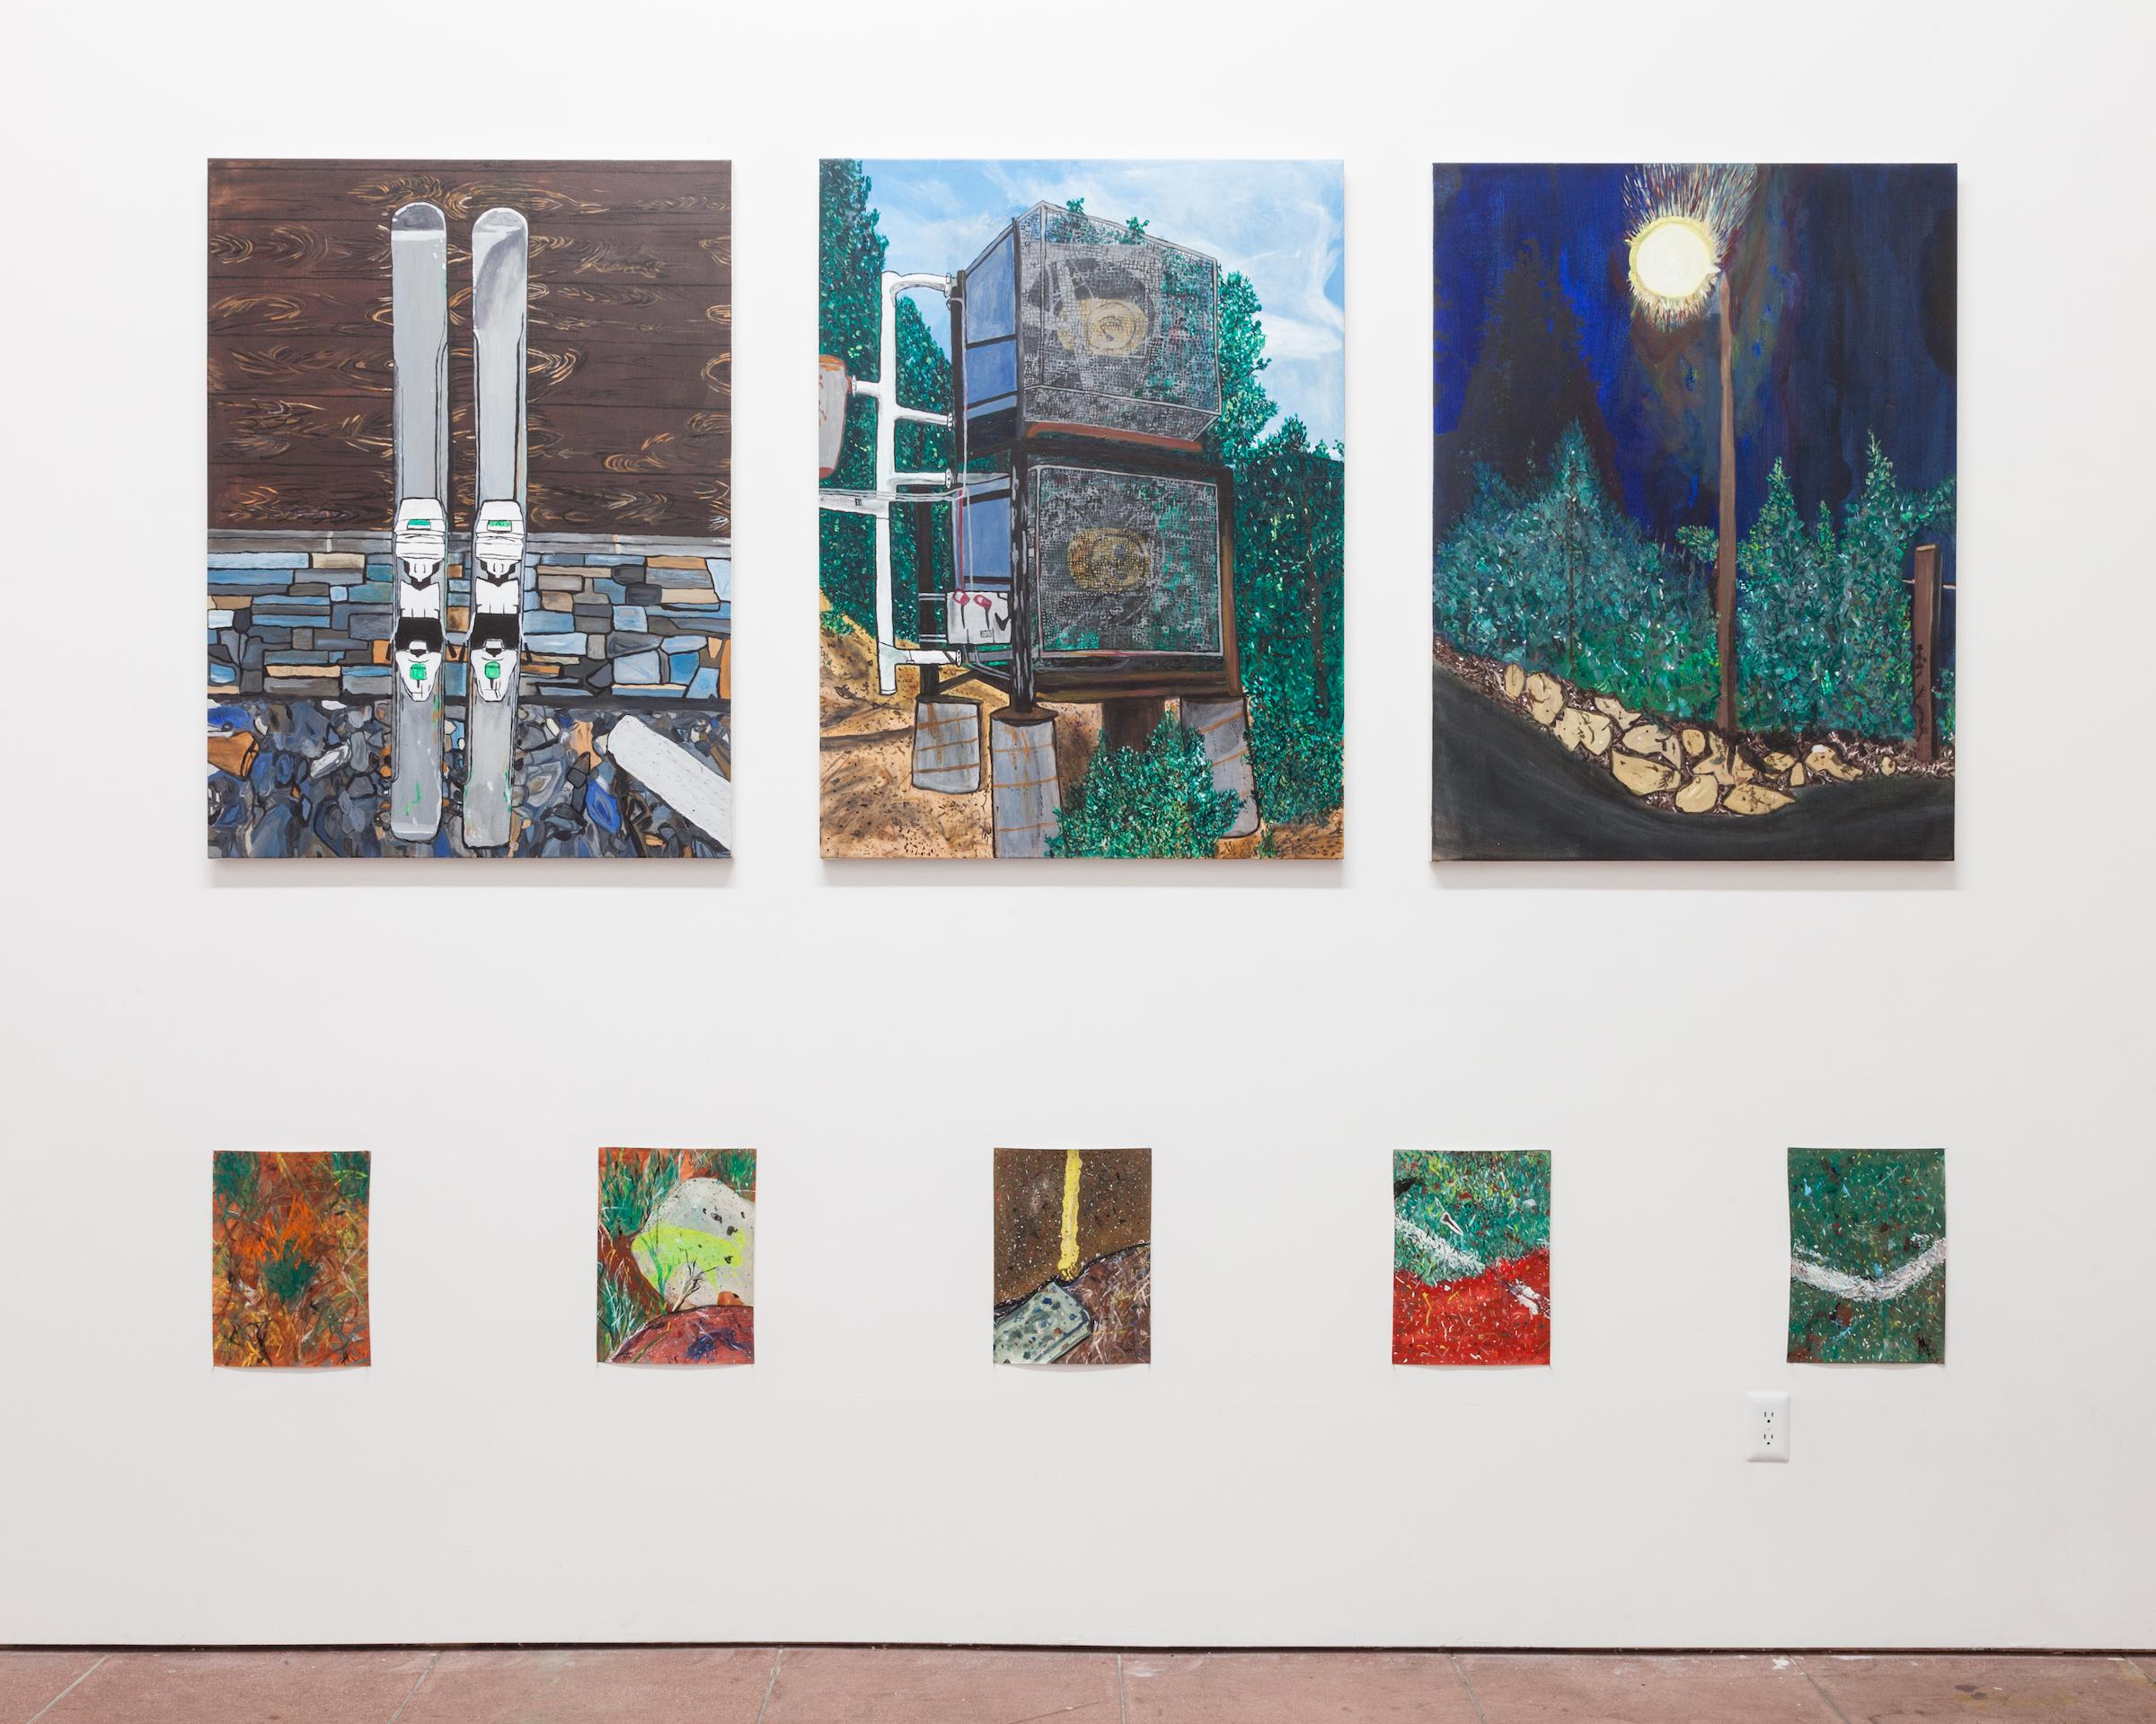 Installation view, Incline Village , Martos Gallery, Los Angeles, 2016